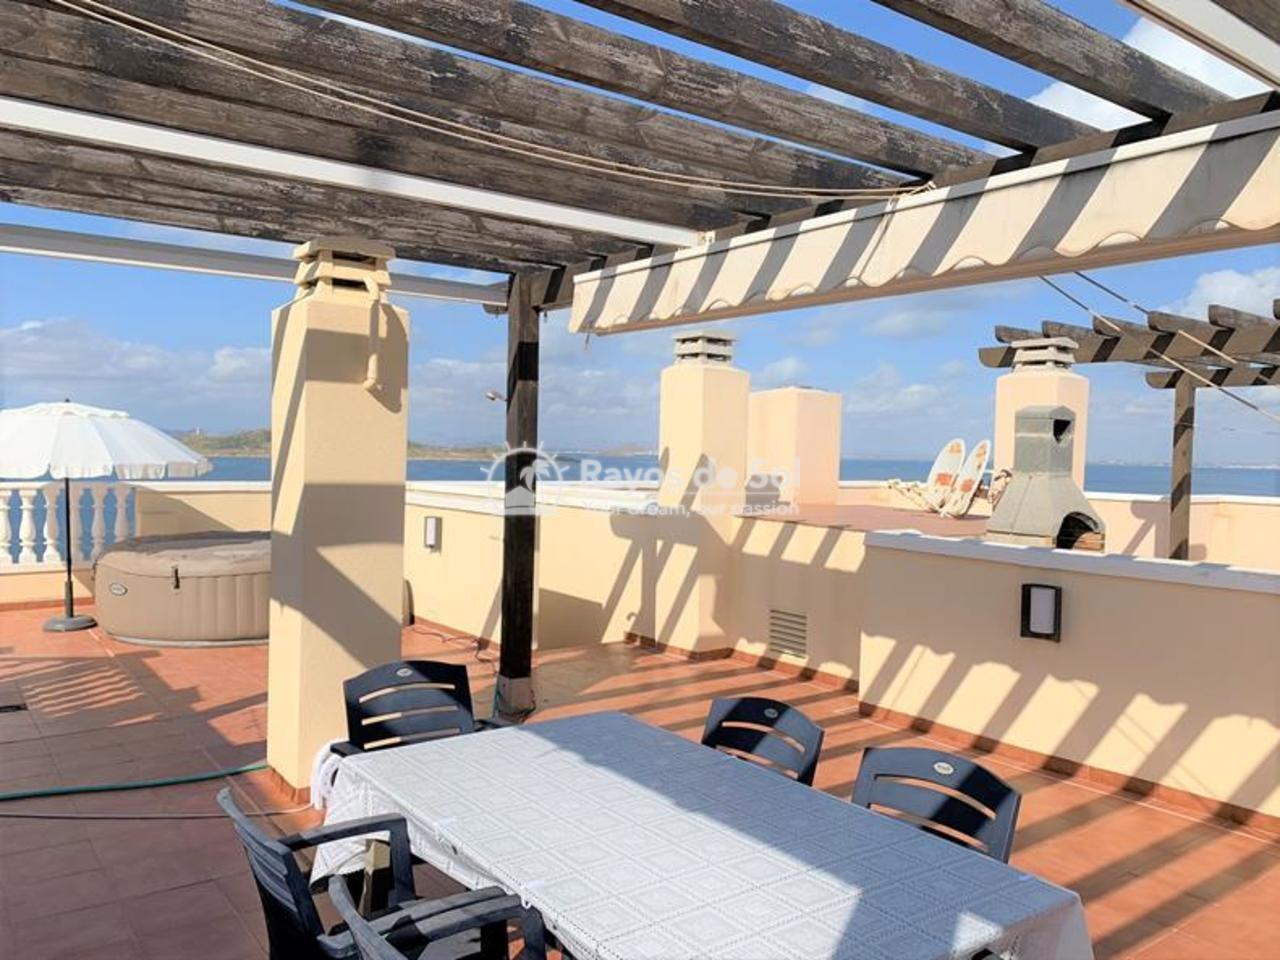 Apartment  in La Manga del Mar Menor, Costa Cálida (561332svm) - 7